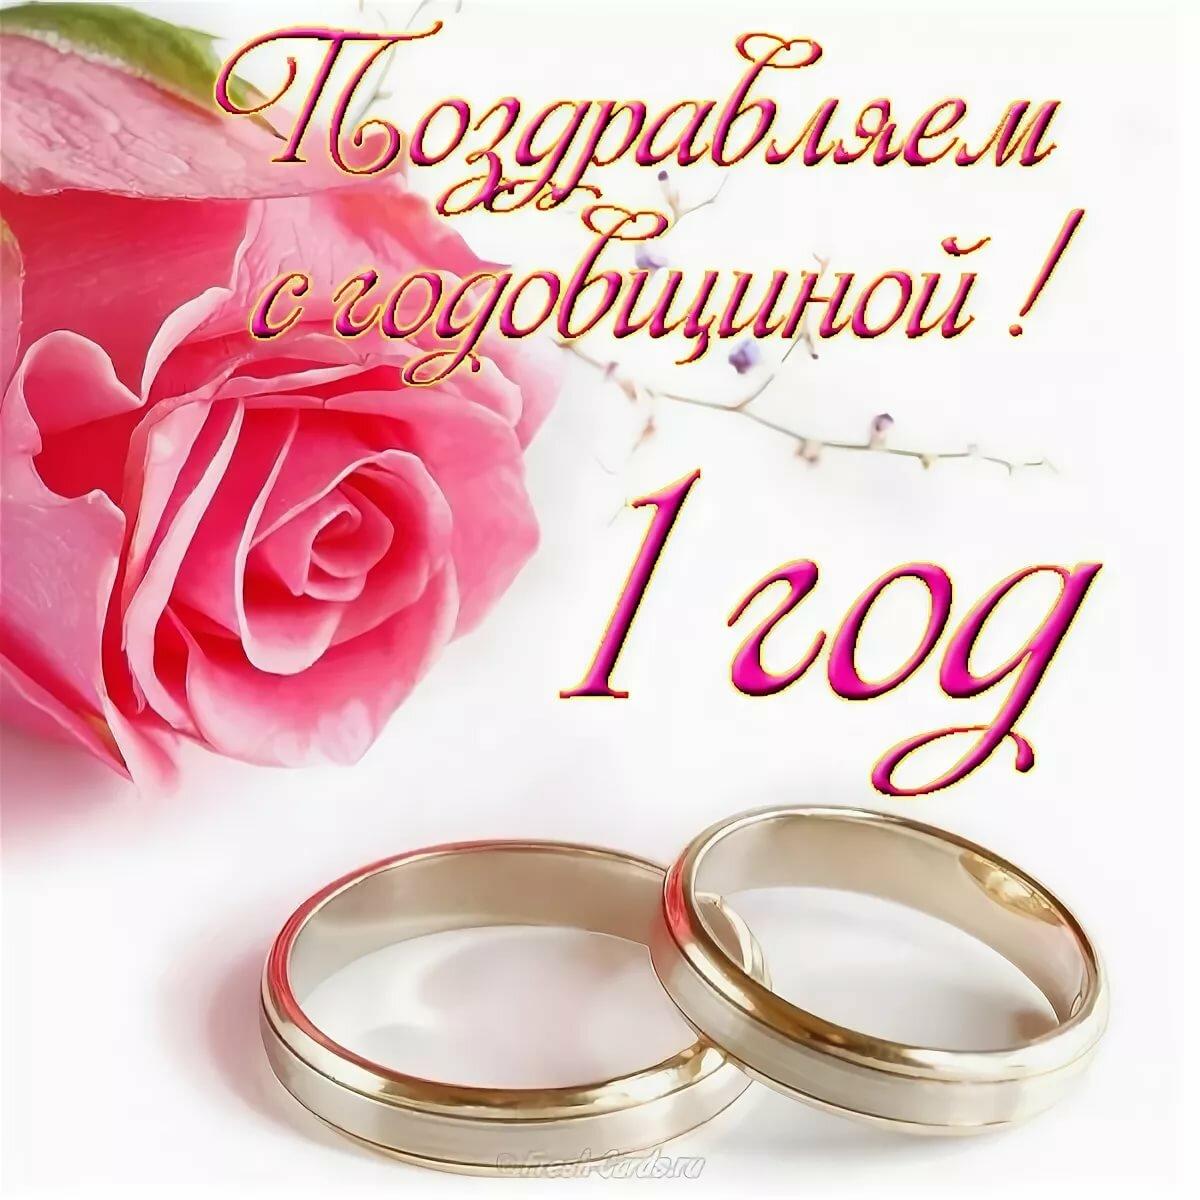 С годовщиной свадьбы поздравления в прозе короткие подругу